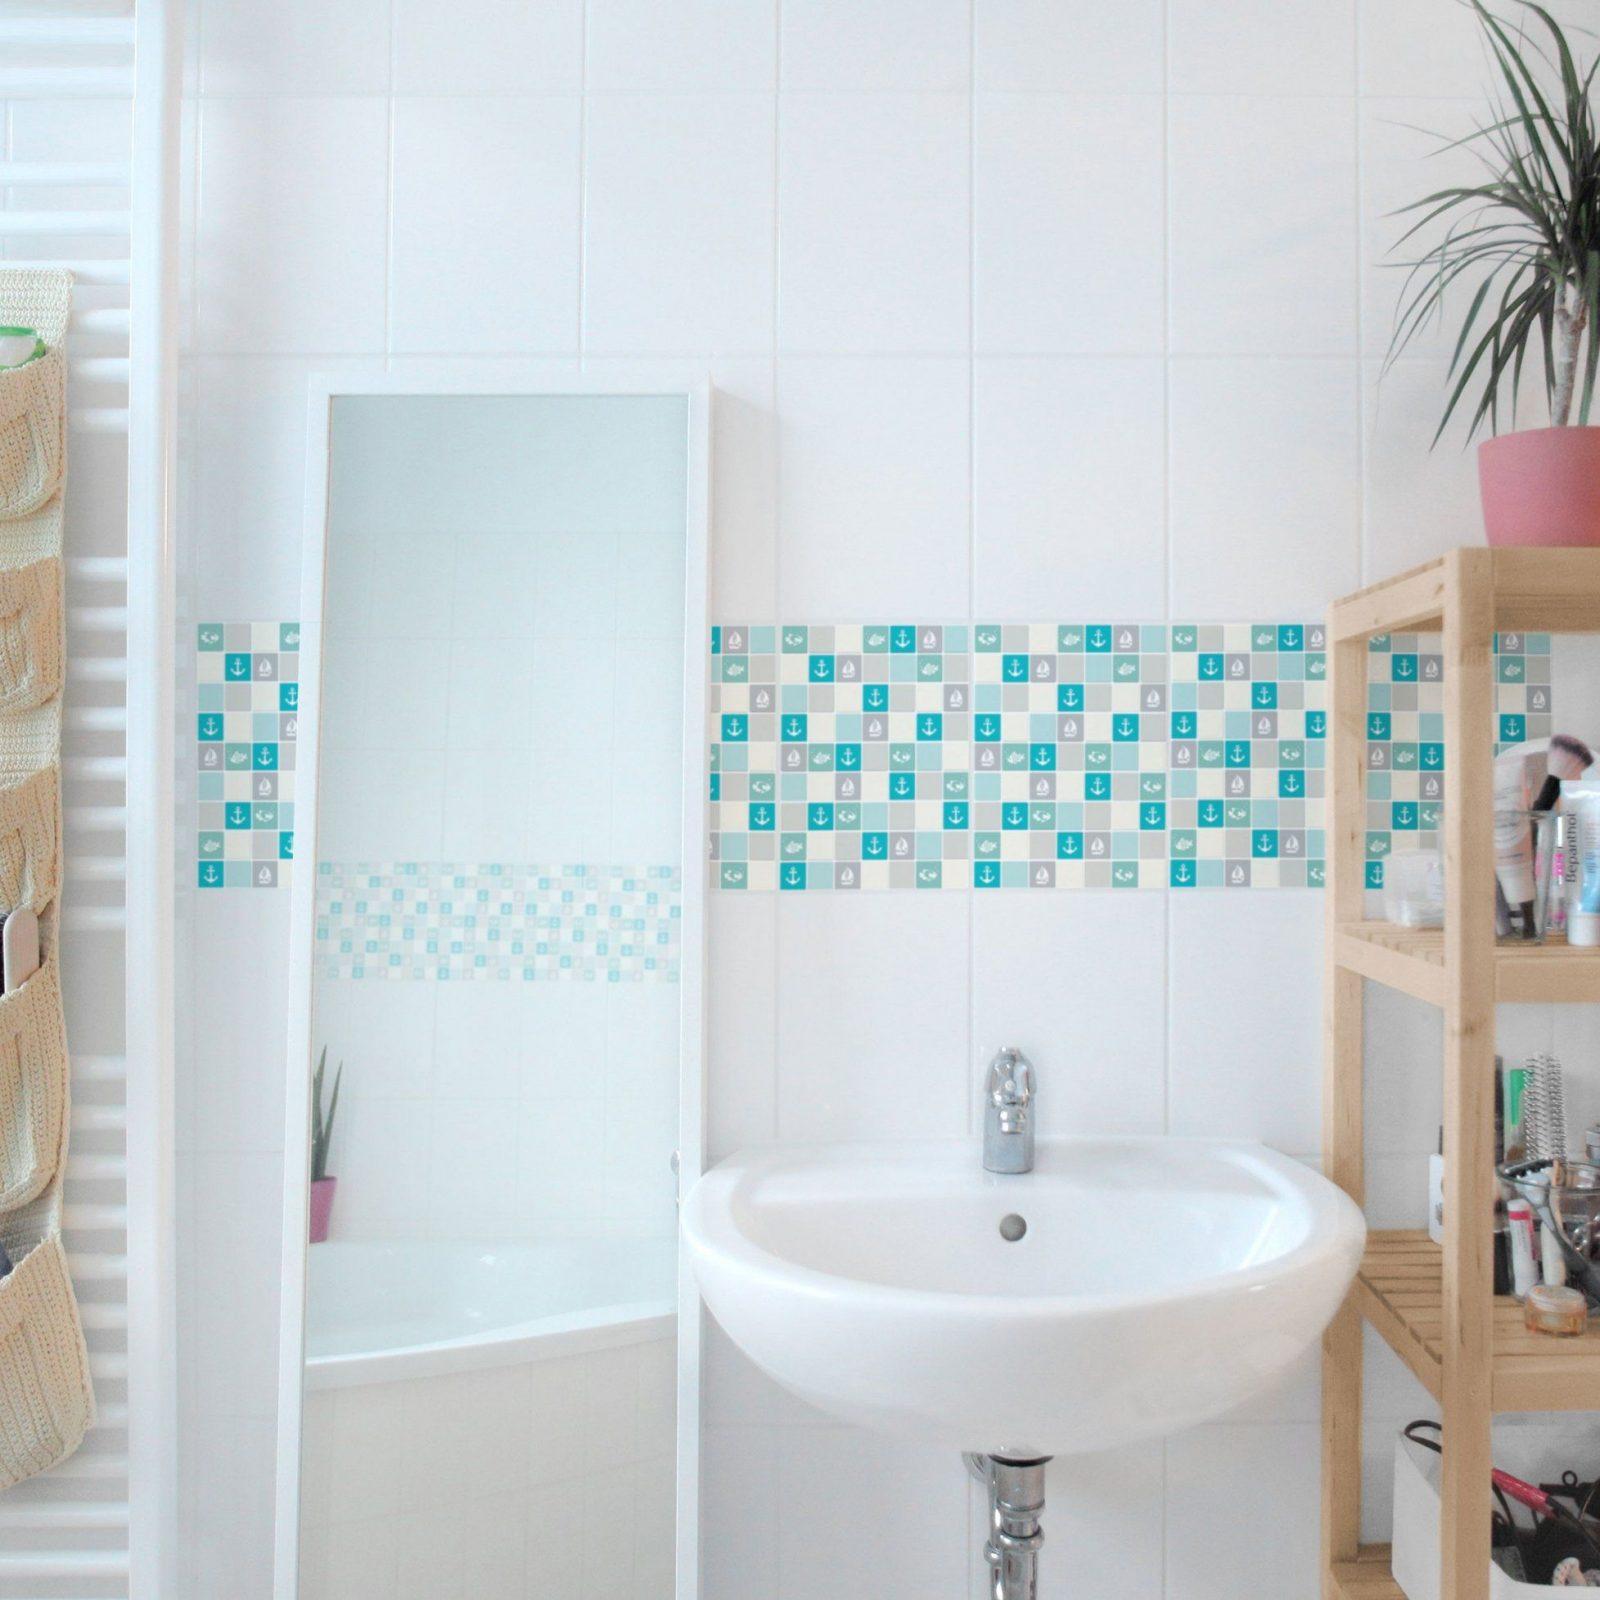 Amazing Design Fliesenfolie Mosaik Fliesenaufkleber Selbstklebende von Mosaik Fliesen Bad Türkis Photo